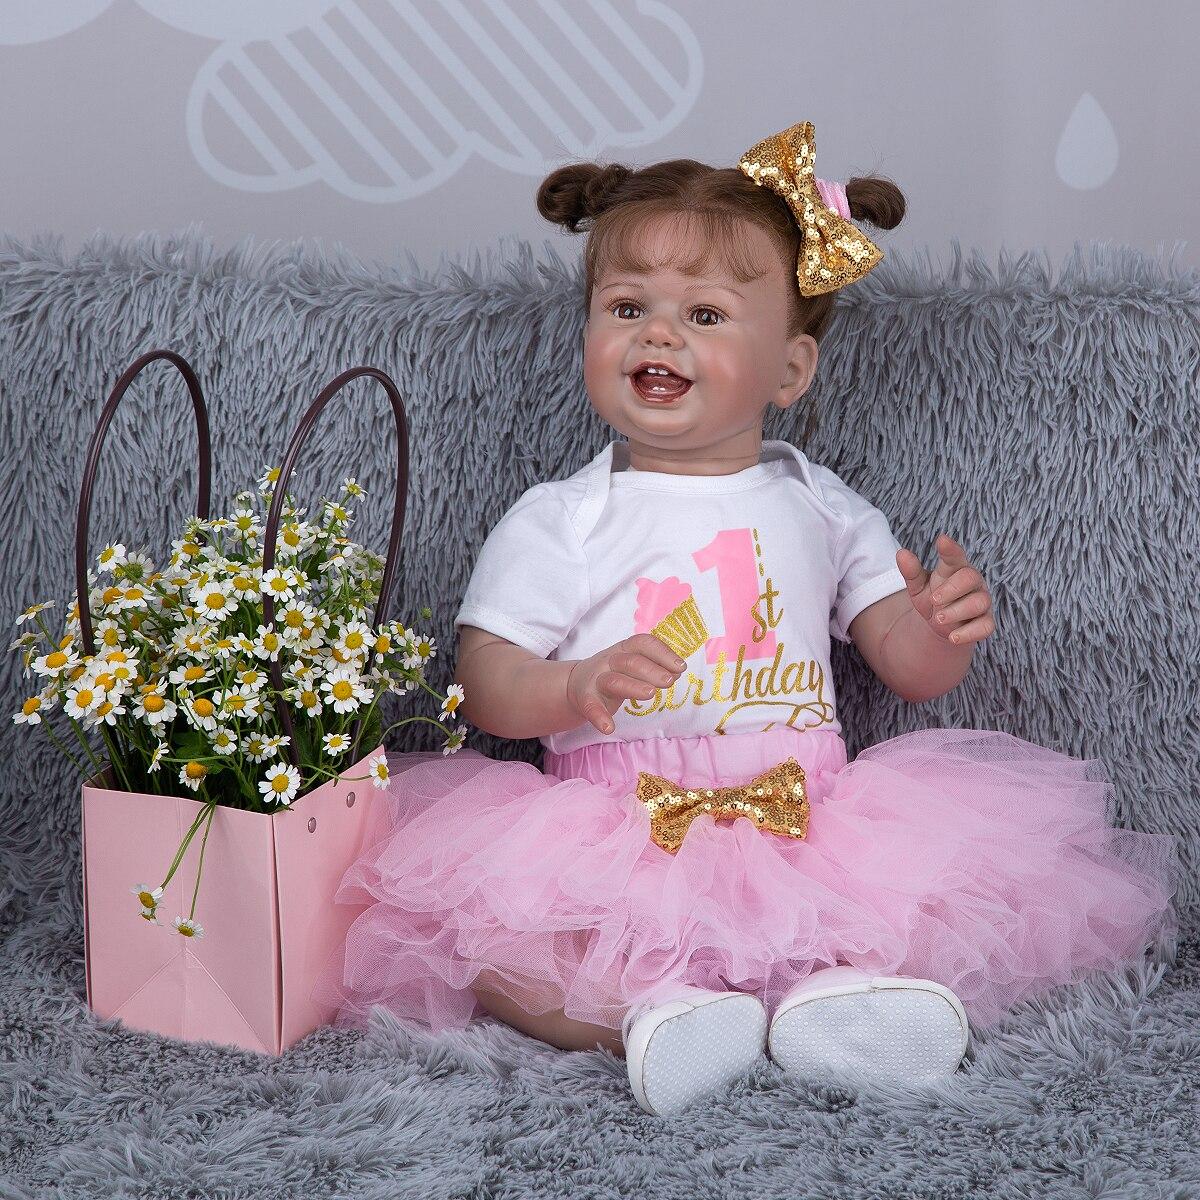 Bebe Boneca 27 Zoll Lächeln Gesicht Reborn Baby Puppen Verwurzelt Haar Lebensechte Newbron Kleinkind Puppe Spielzeug Für kinder Geburtstag geschenke